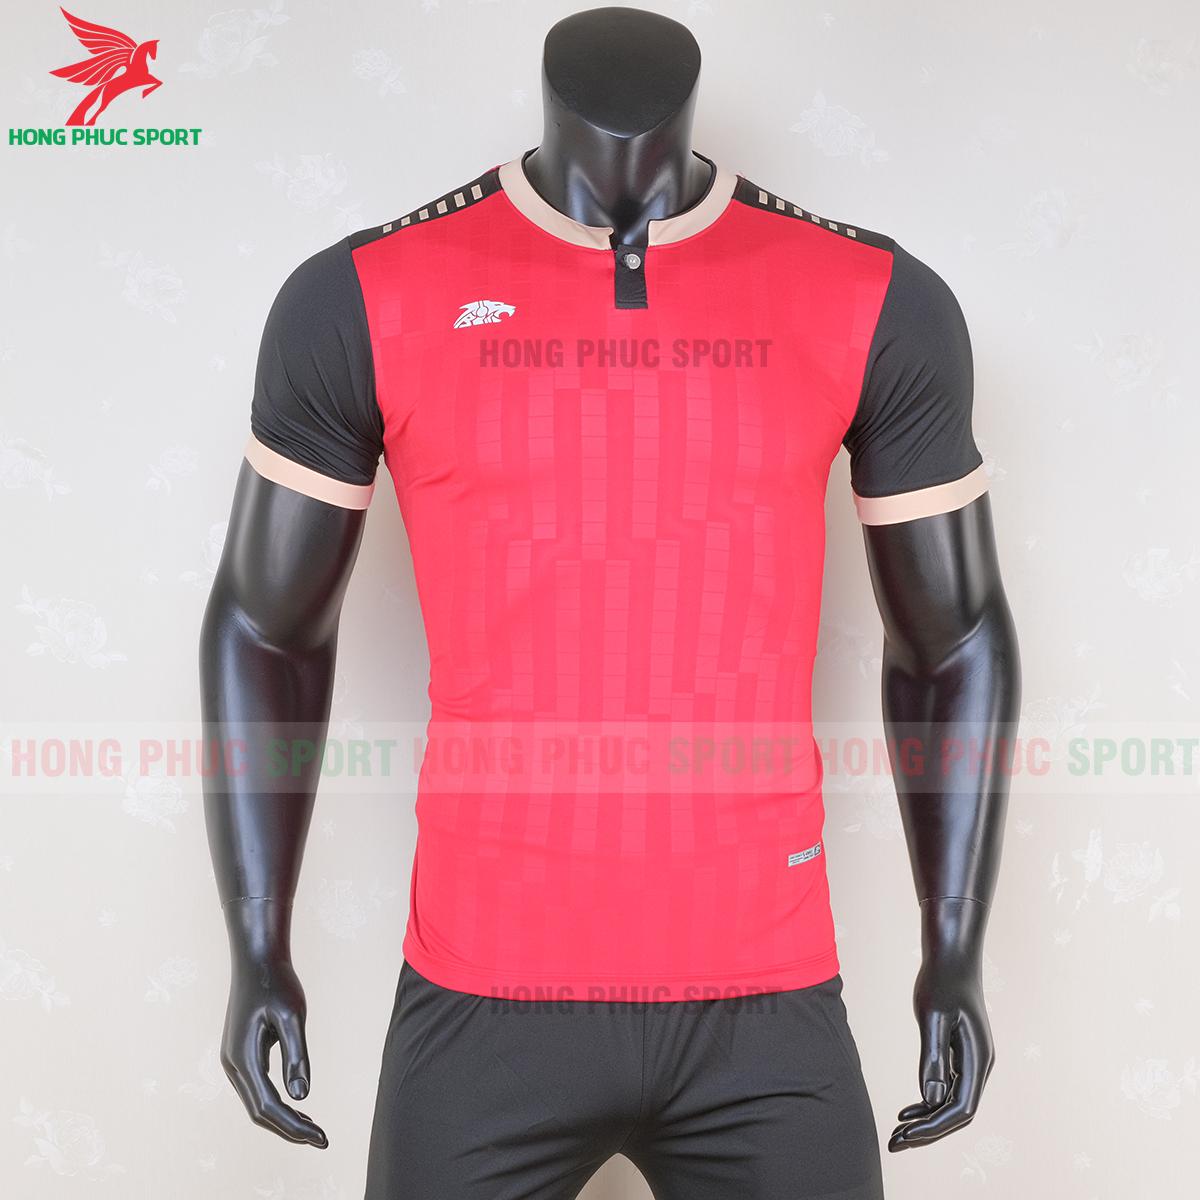 https://cdn.hongphucsport.com/unsafe/s4.shopbay.vn/files/285/ao-bong-da-khong-logo-riki-neck-mau-do-5-5f71ac206ec74.png